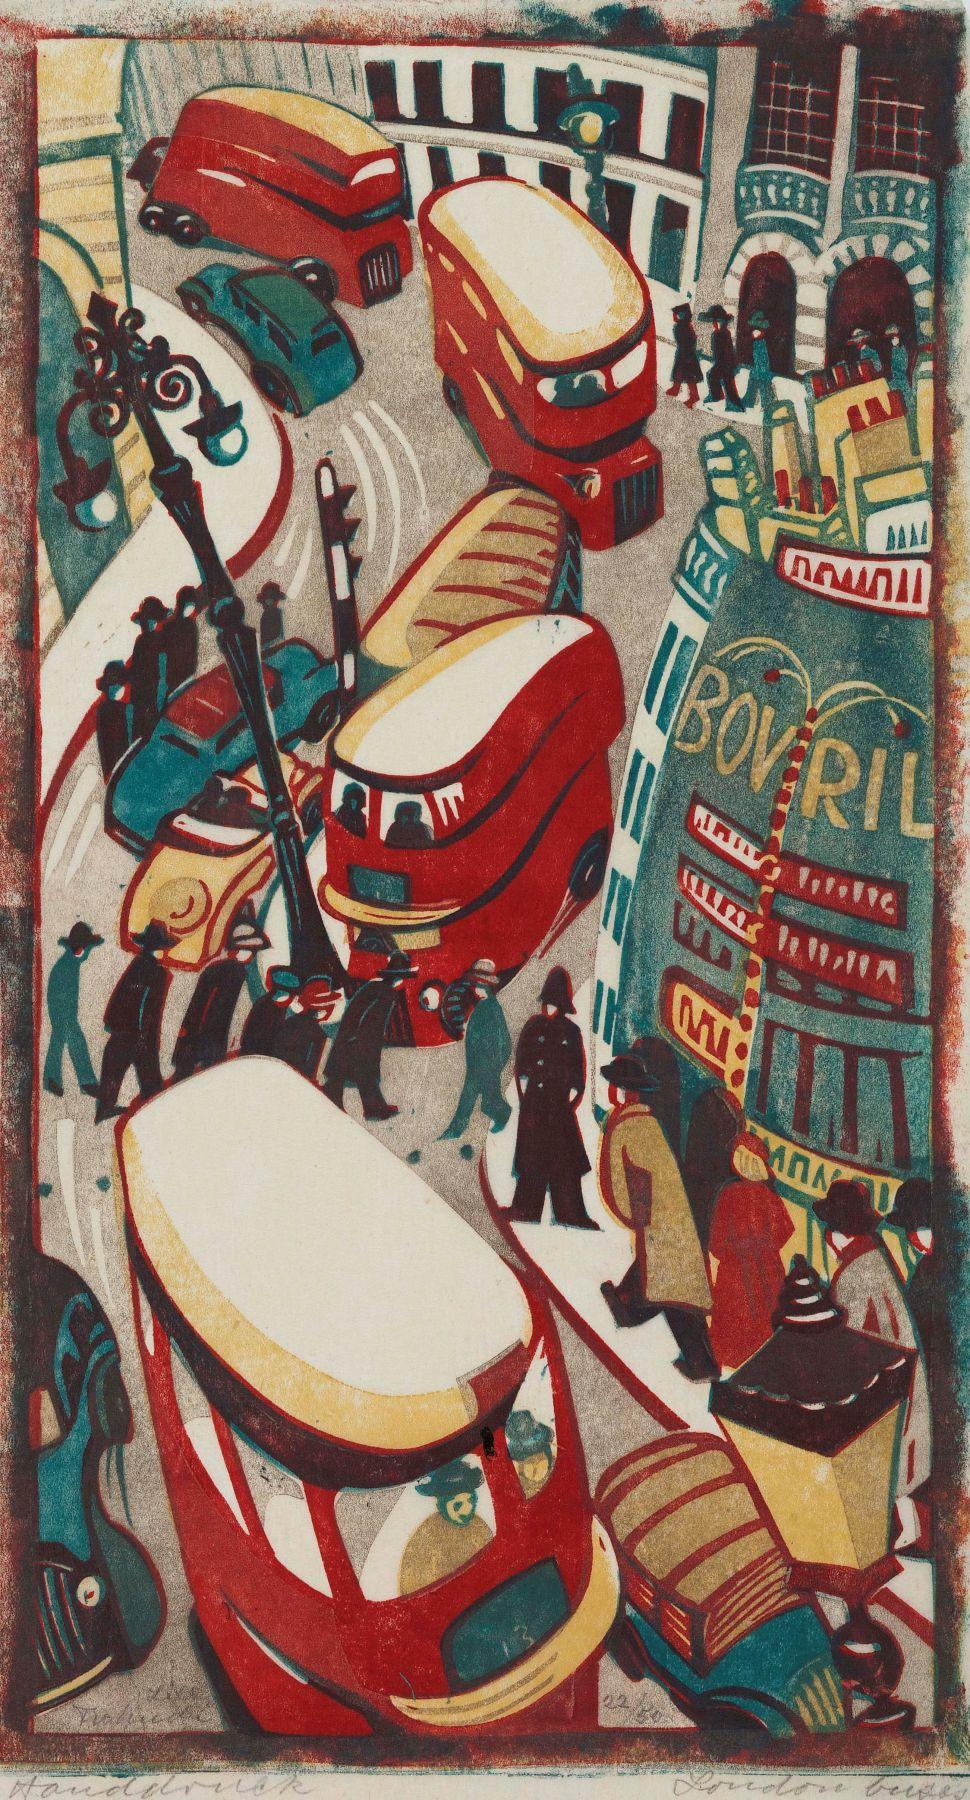 Lill Tschudi,London Buses, 1949.